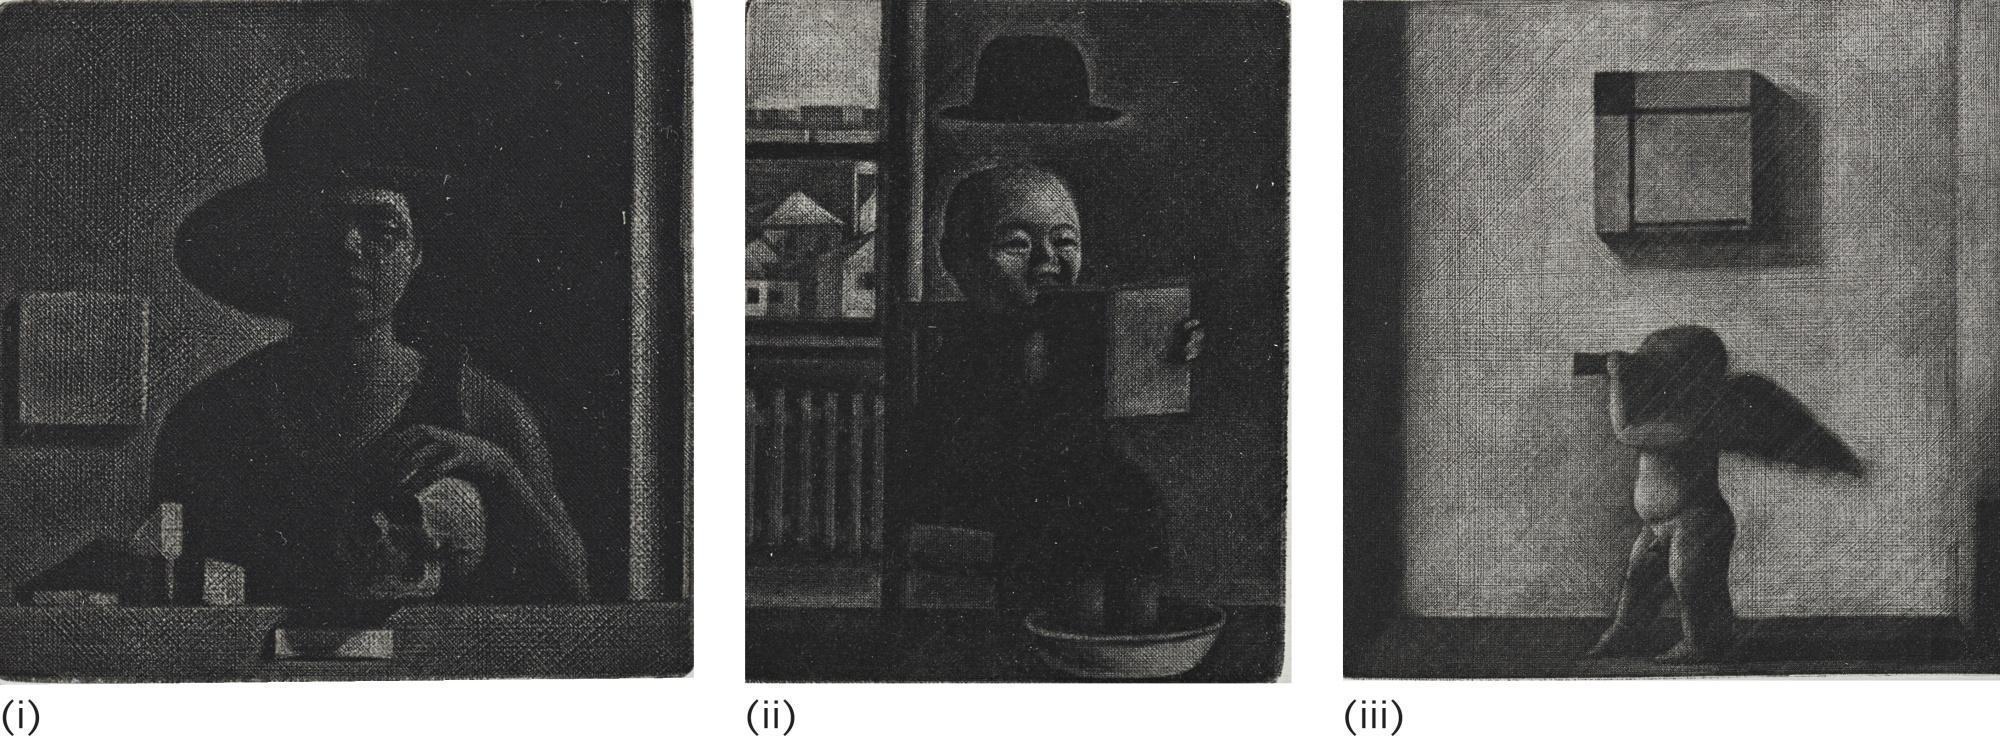 Liu Ye-Probe And Others(Three Works)-1993